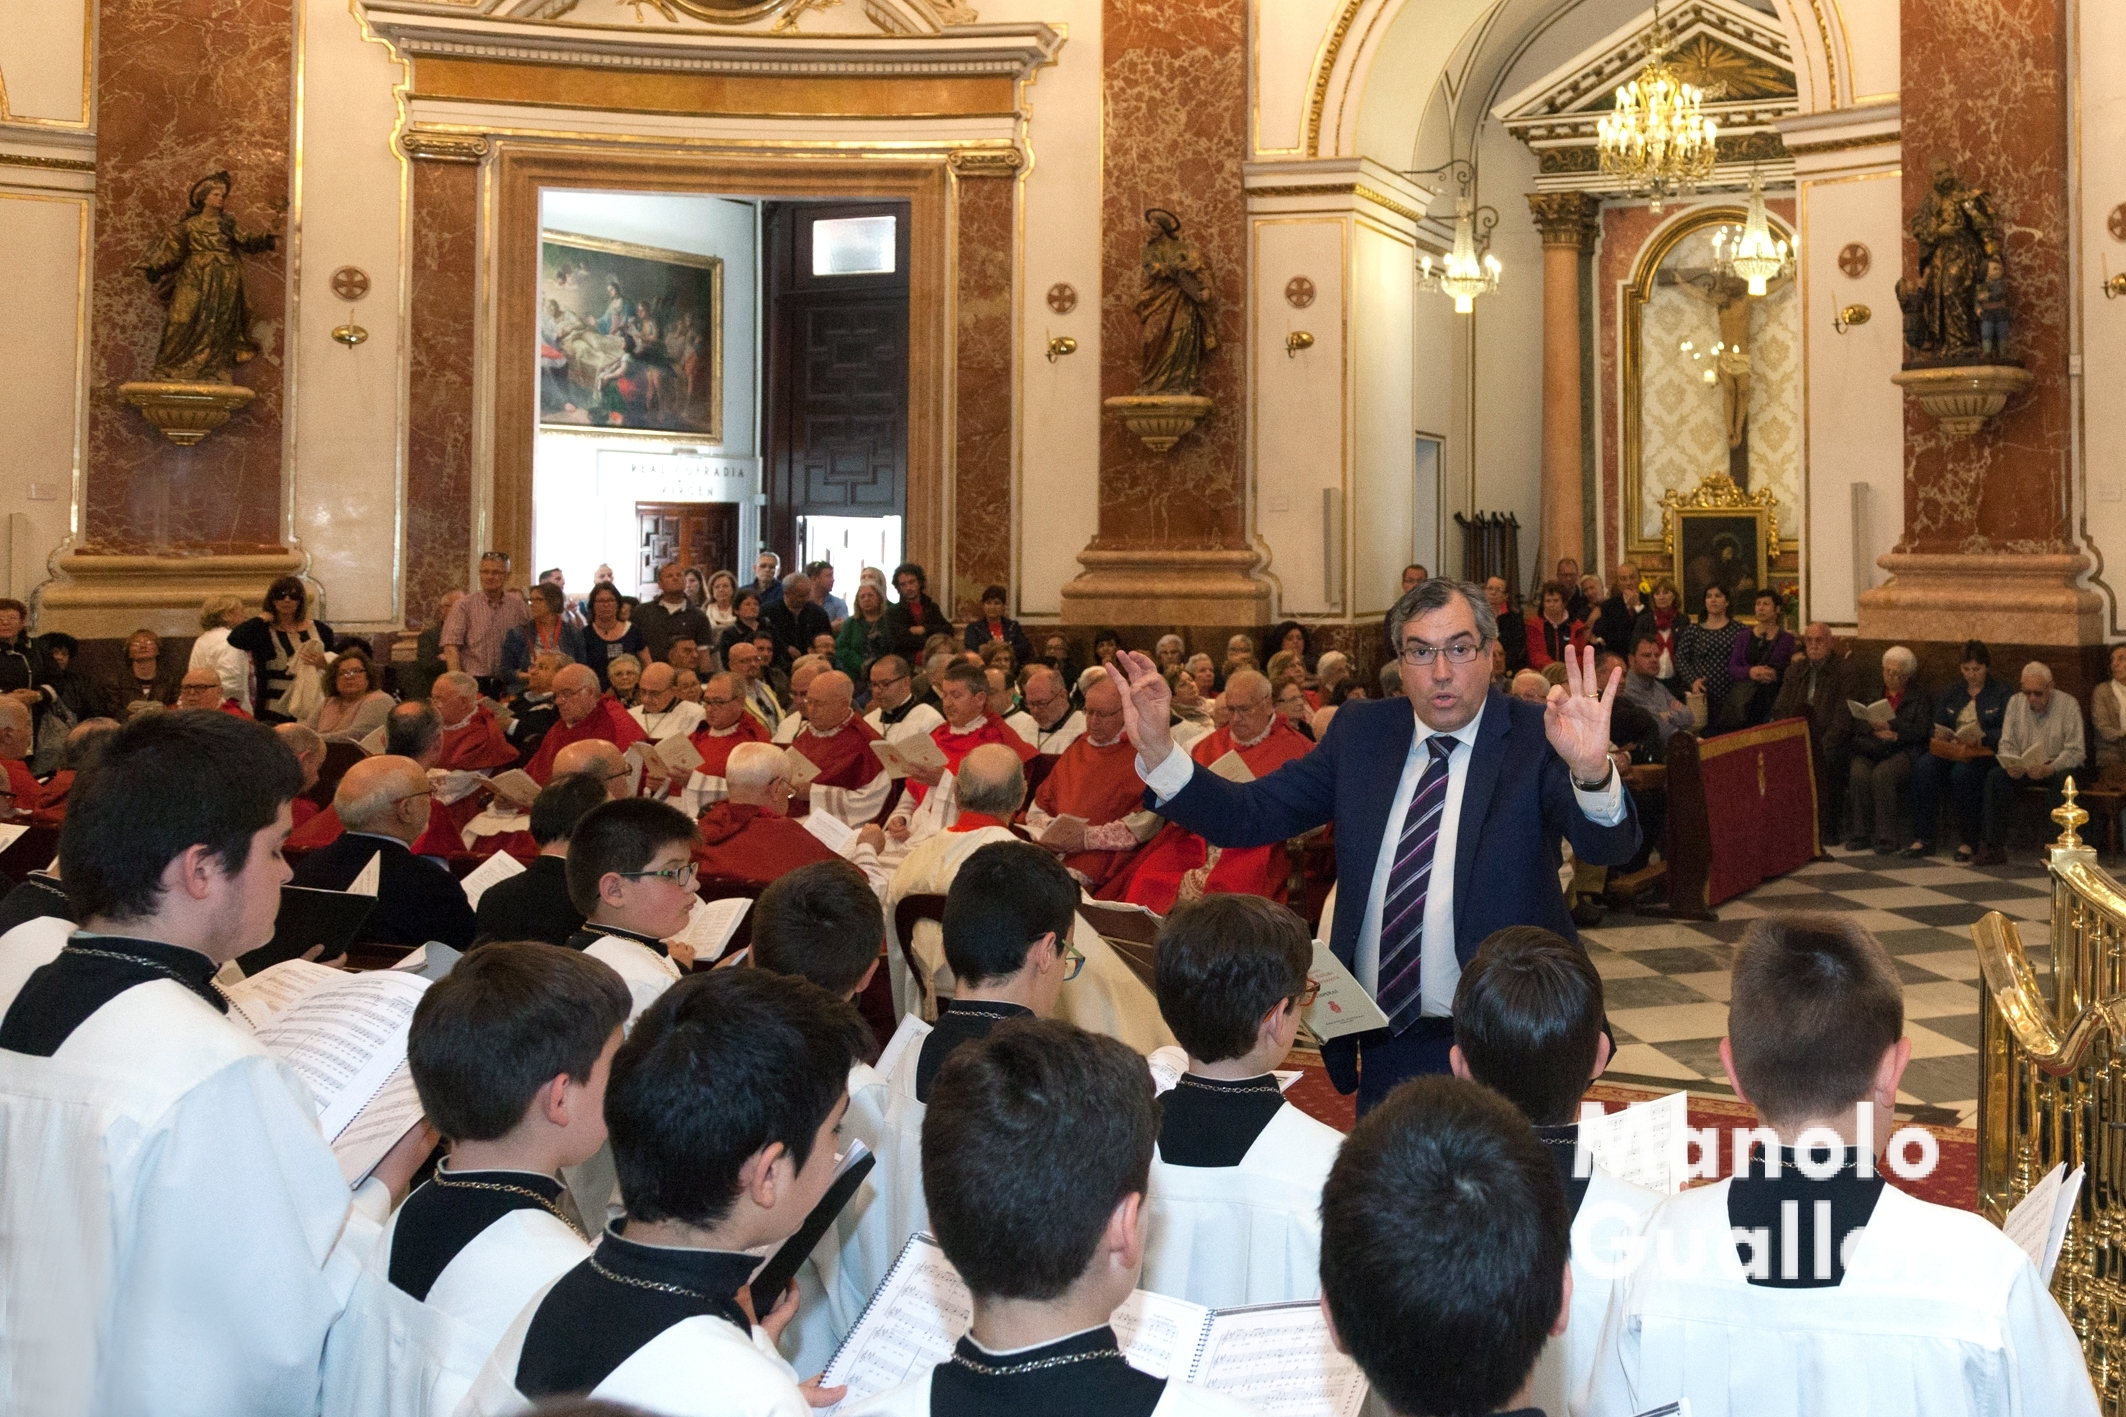 Juan José Garrido dirigiendo a la Escolanía de la Virgen en la Basílica. Foto de Manolo Guallart.